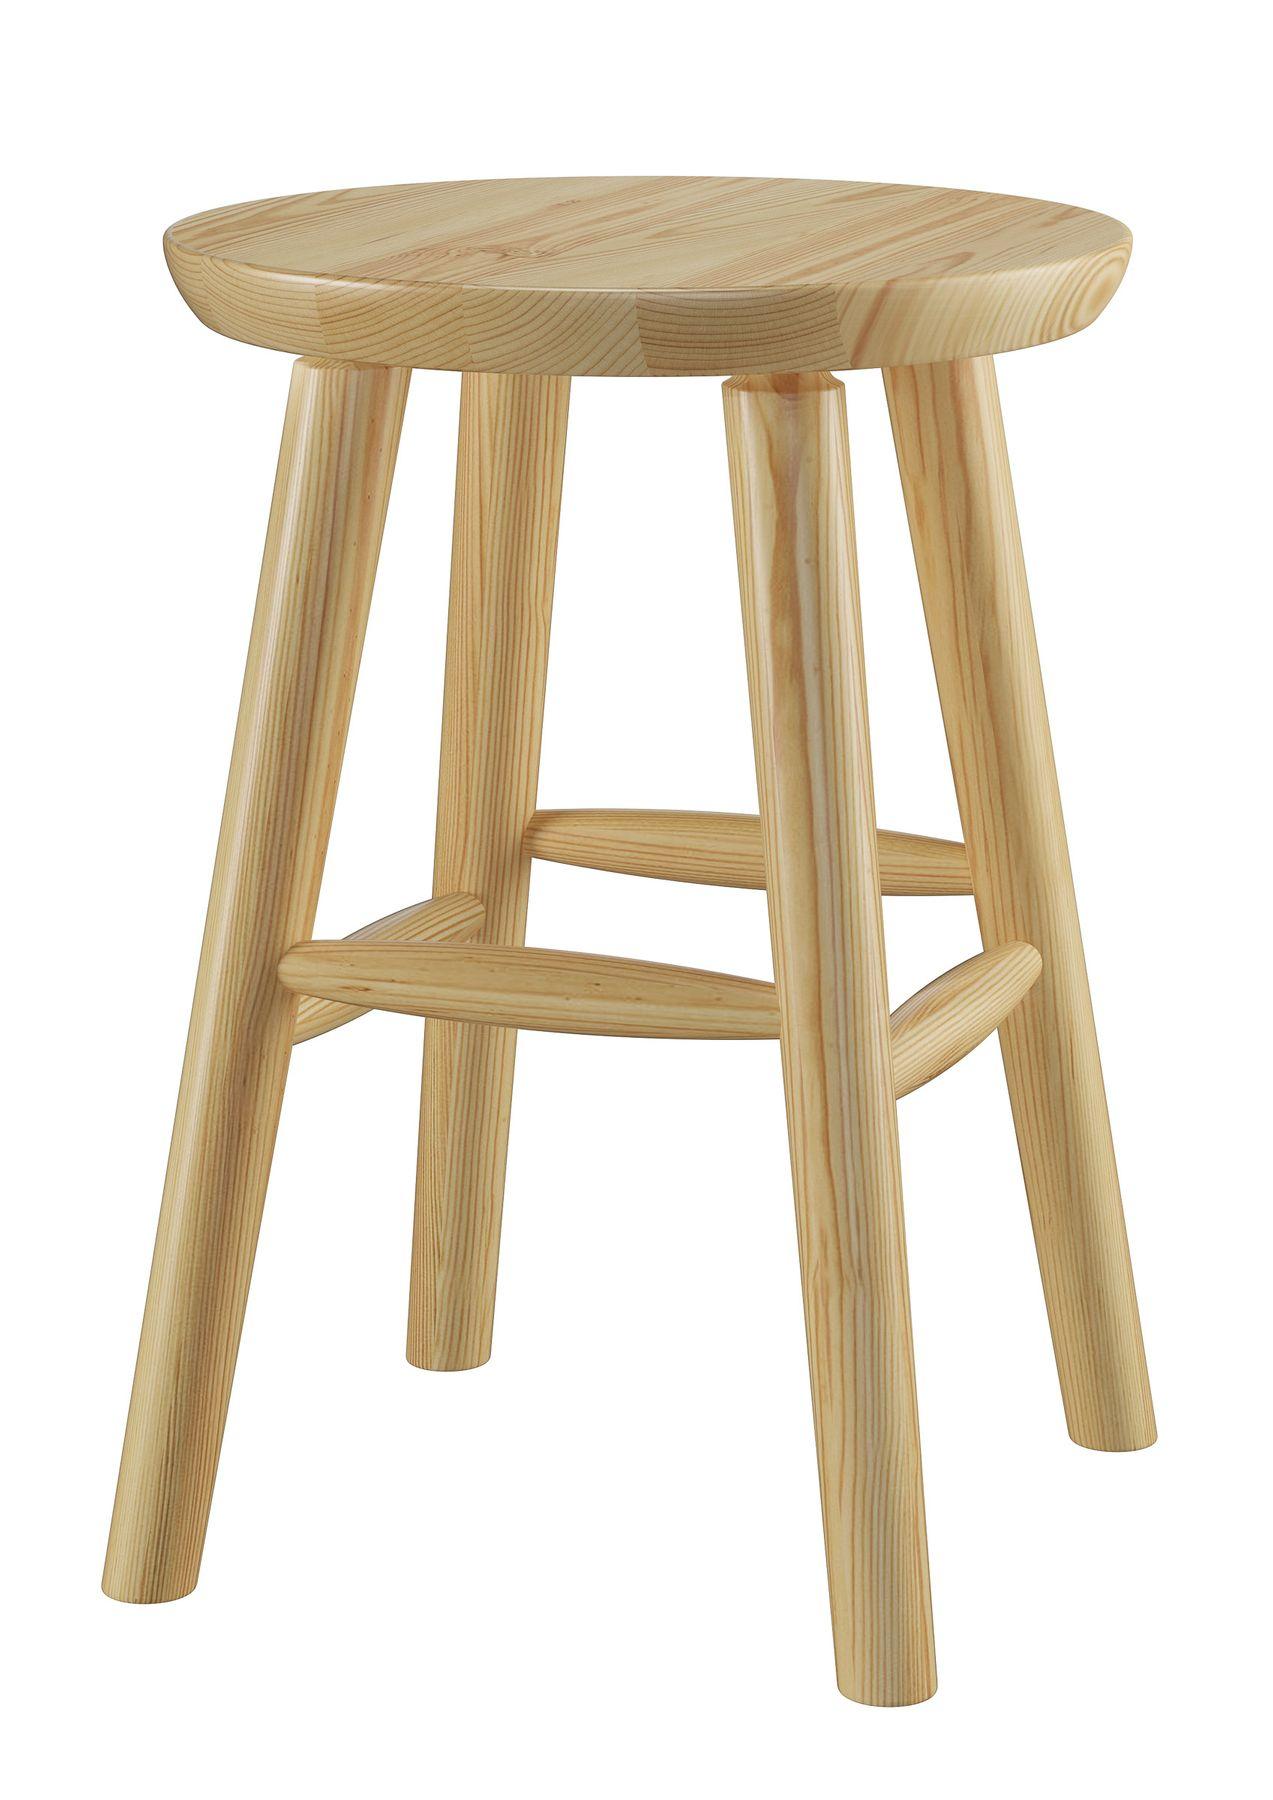 Runder Holz-Hocker als Beistelltisch oder Blumenhocker